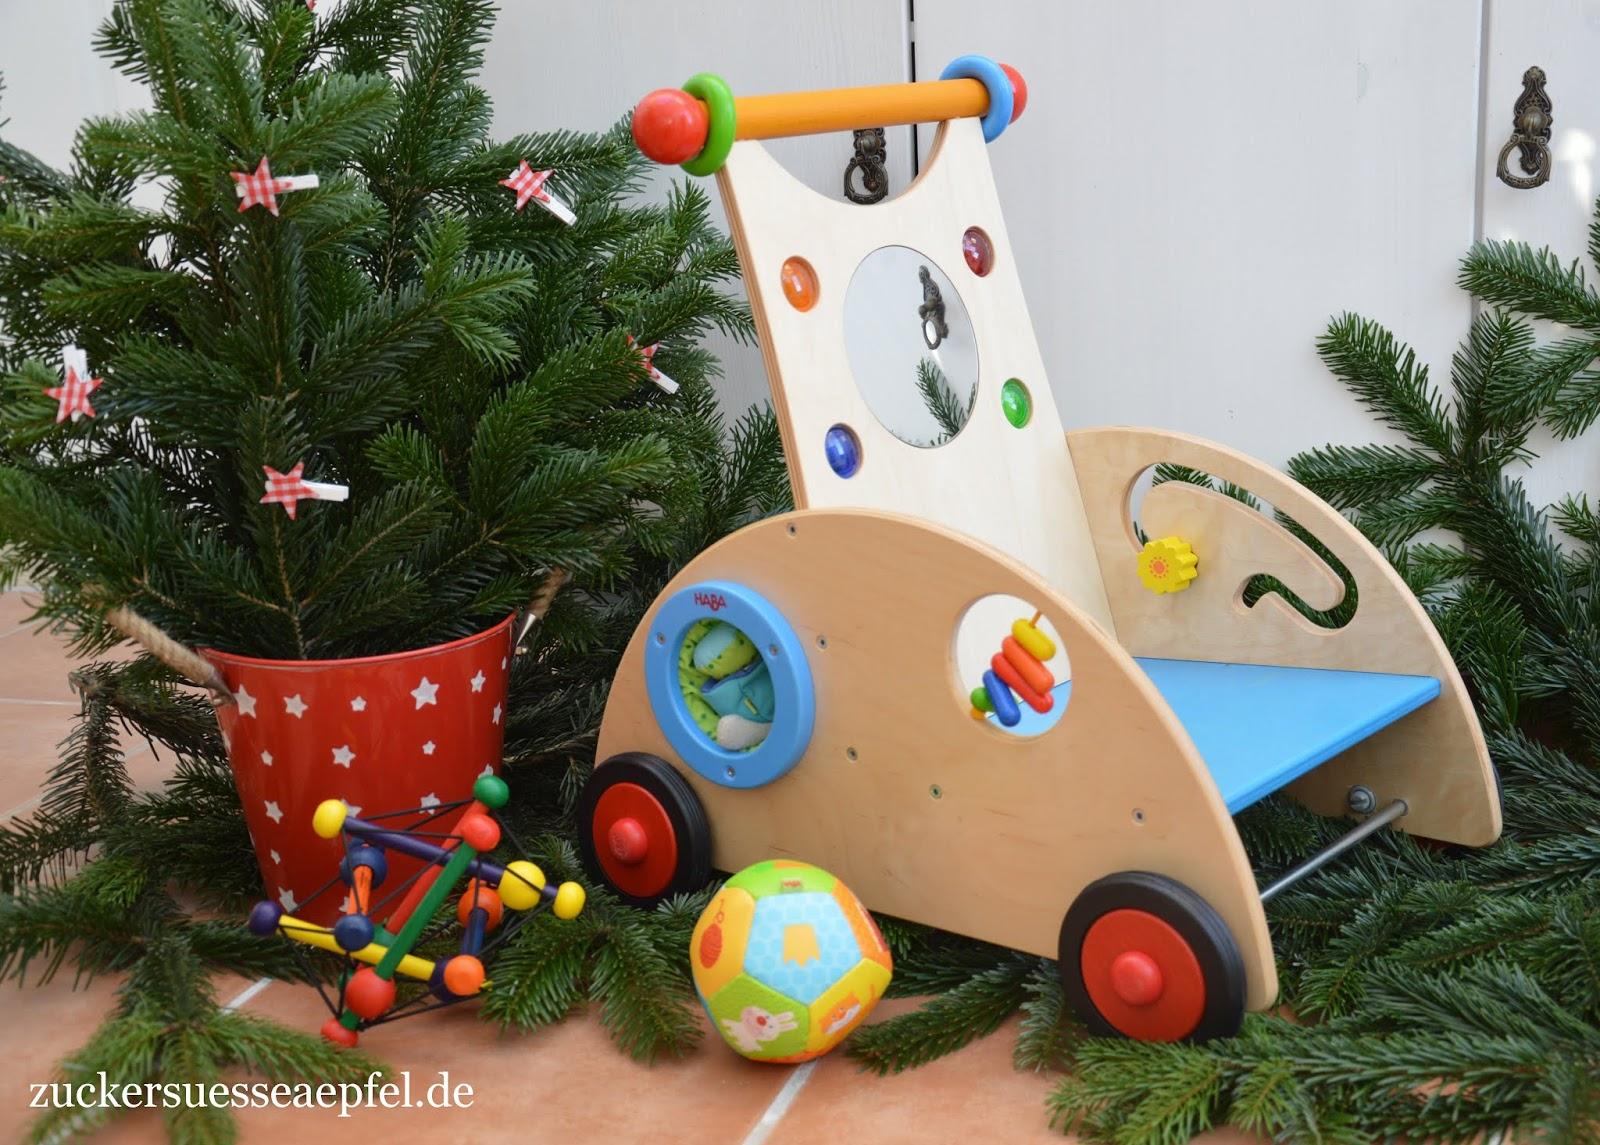 Tolle Weihnachtsgeschenke.Schöne Weihnachtsgeschenke Von Jako O Und Gewinnt Einen Tollen